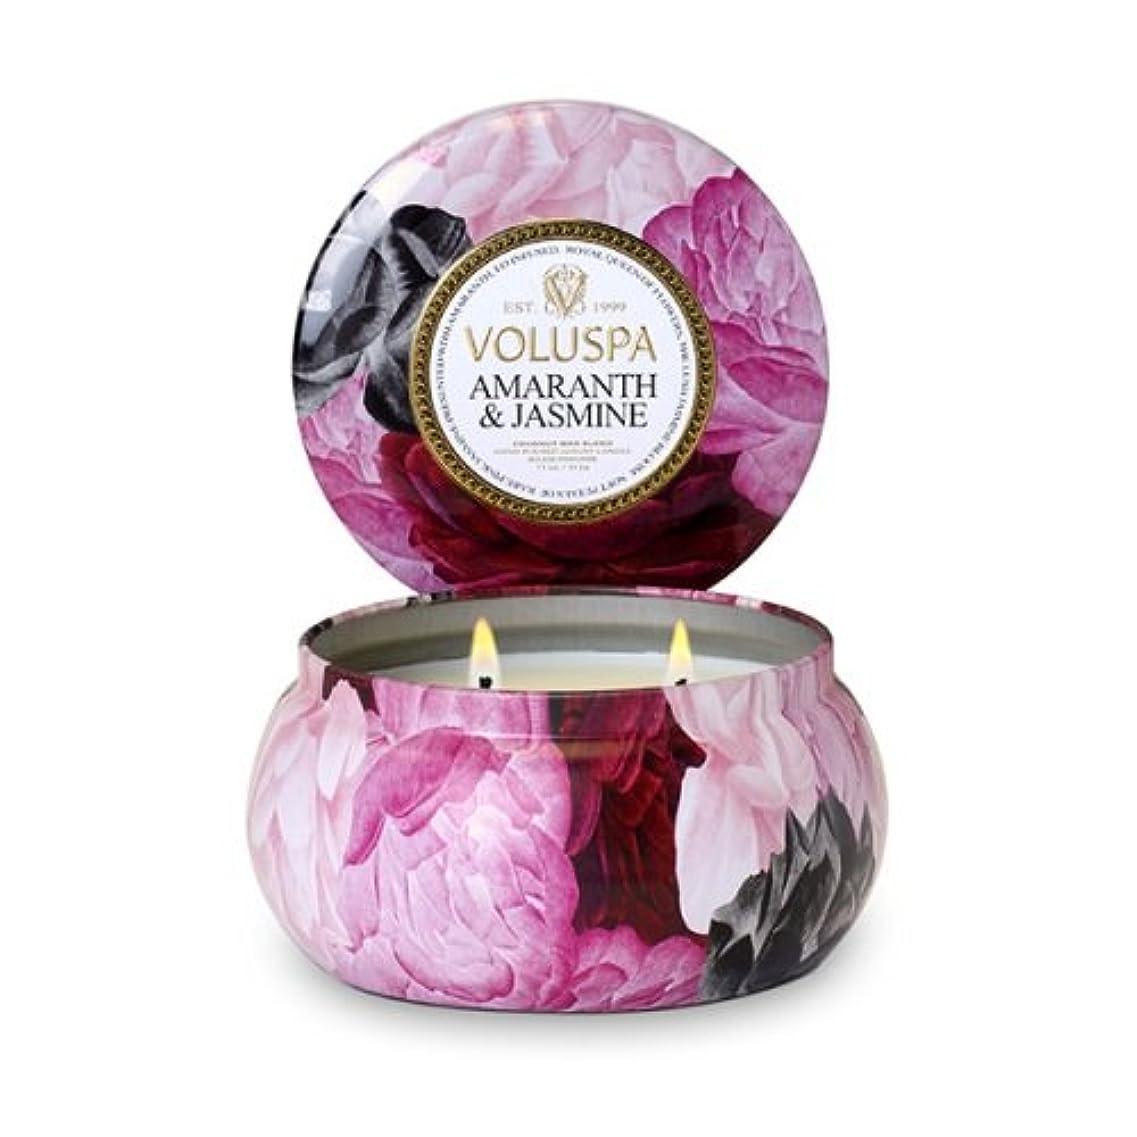 見捨てられた塩辛いフェロー諸島Voluspa ボルスパ メゾンジャルダン 2-WICK ティンキャンドル アマランス&ジャスミン MAISON JARDIN Wick Tin Candle AMARANTH & JASMINE